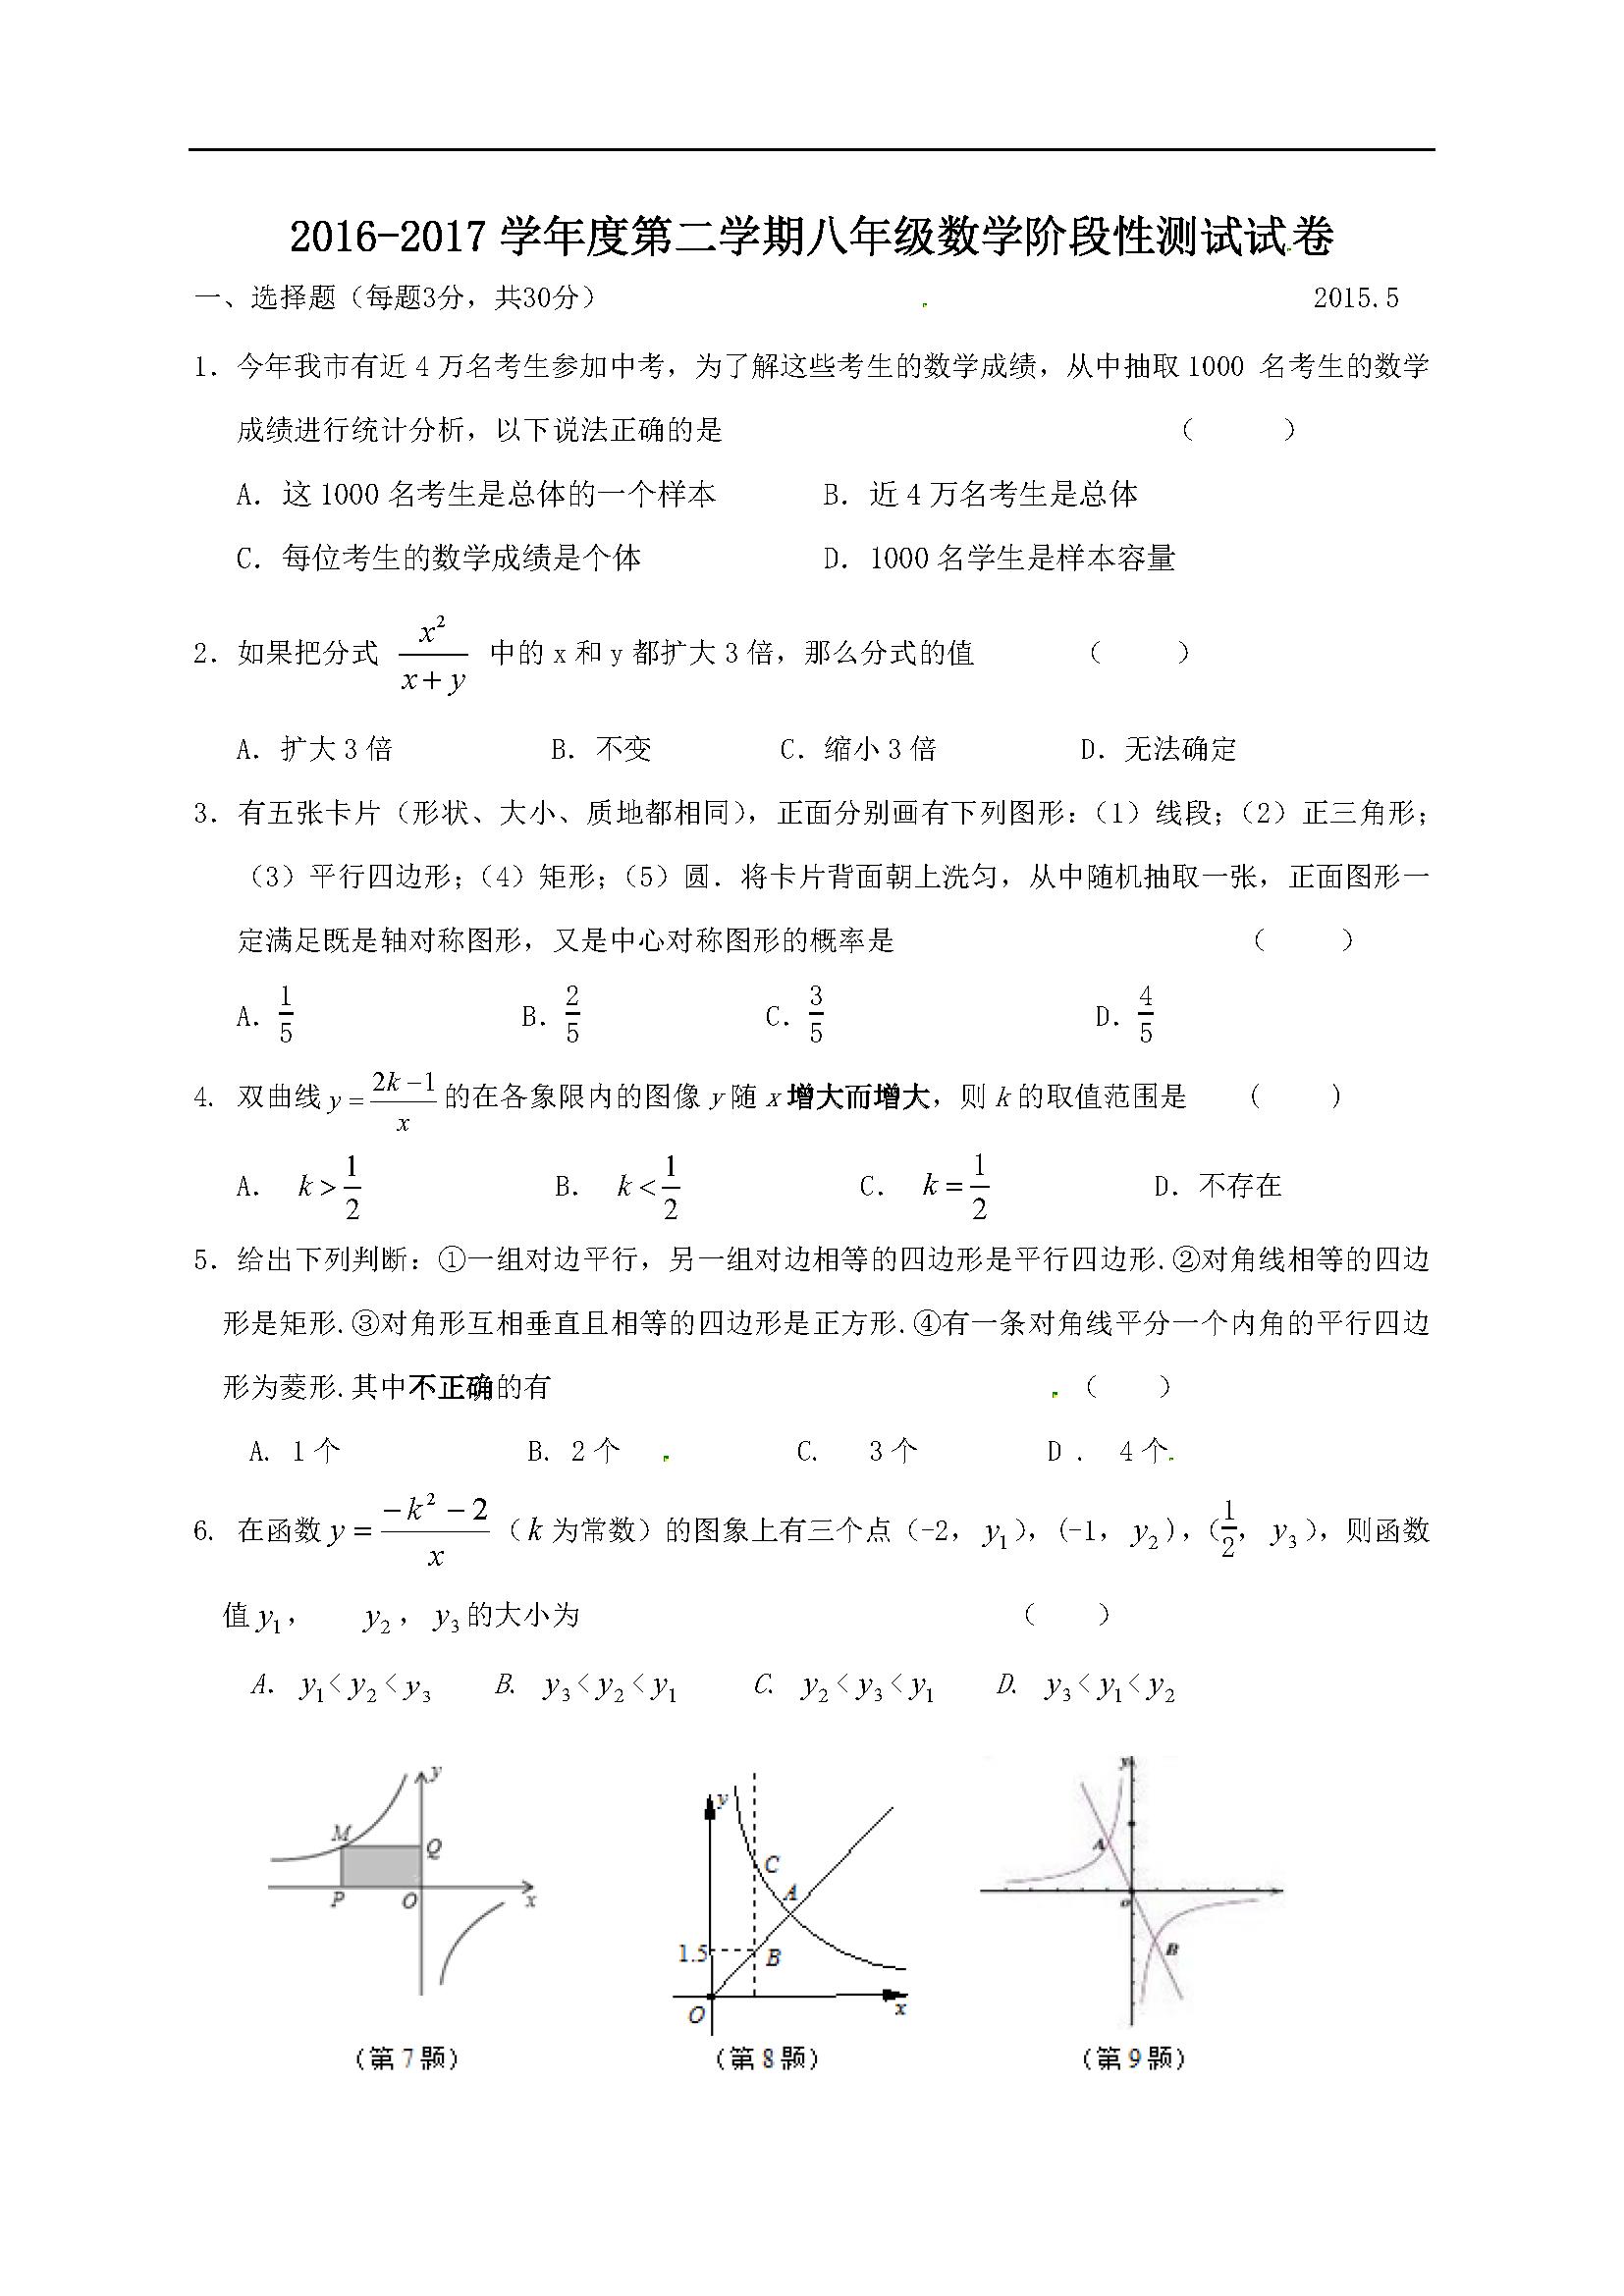 2017江苏无锡八年级下第二次阶段考试数学试题(图片版)